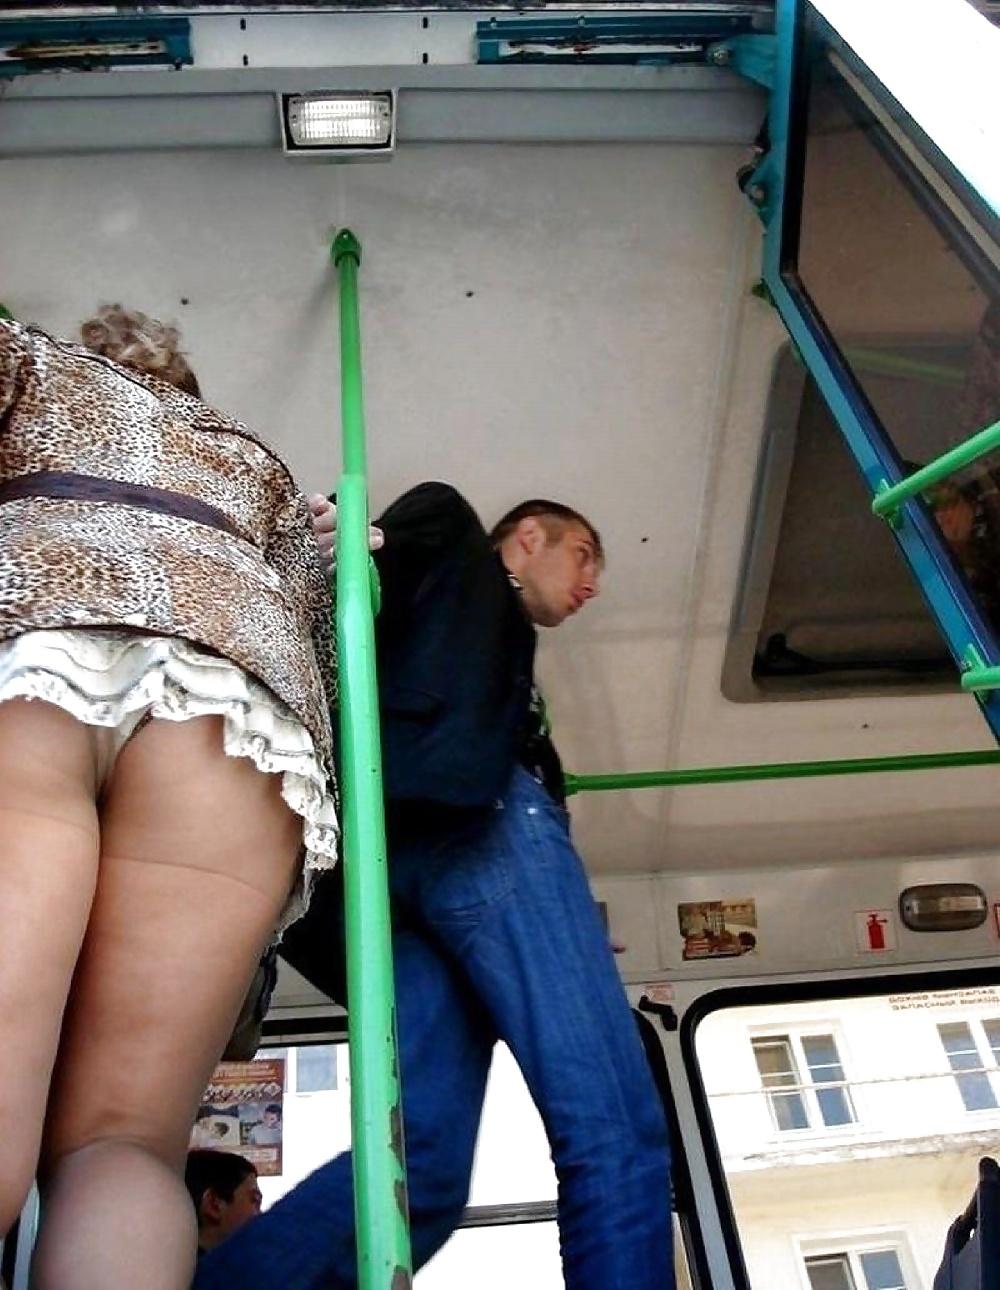 как--то подглявание в автобусе фото она есть